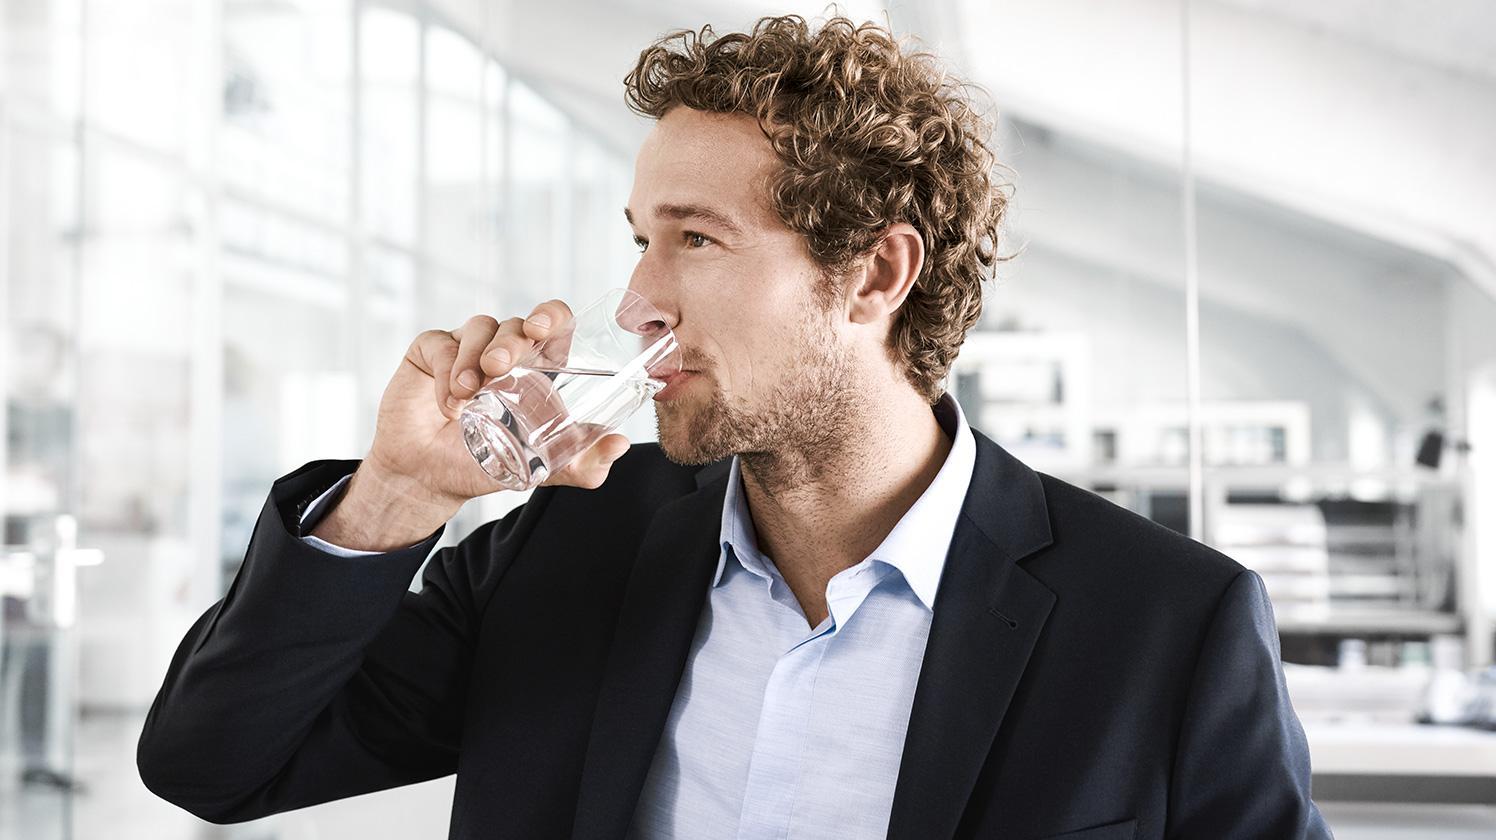 BRITA filter HS1 office man drink